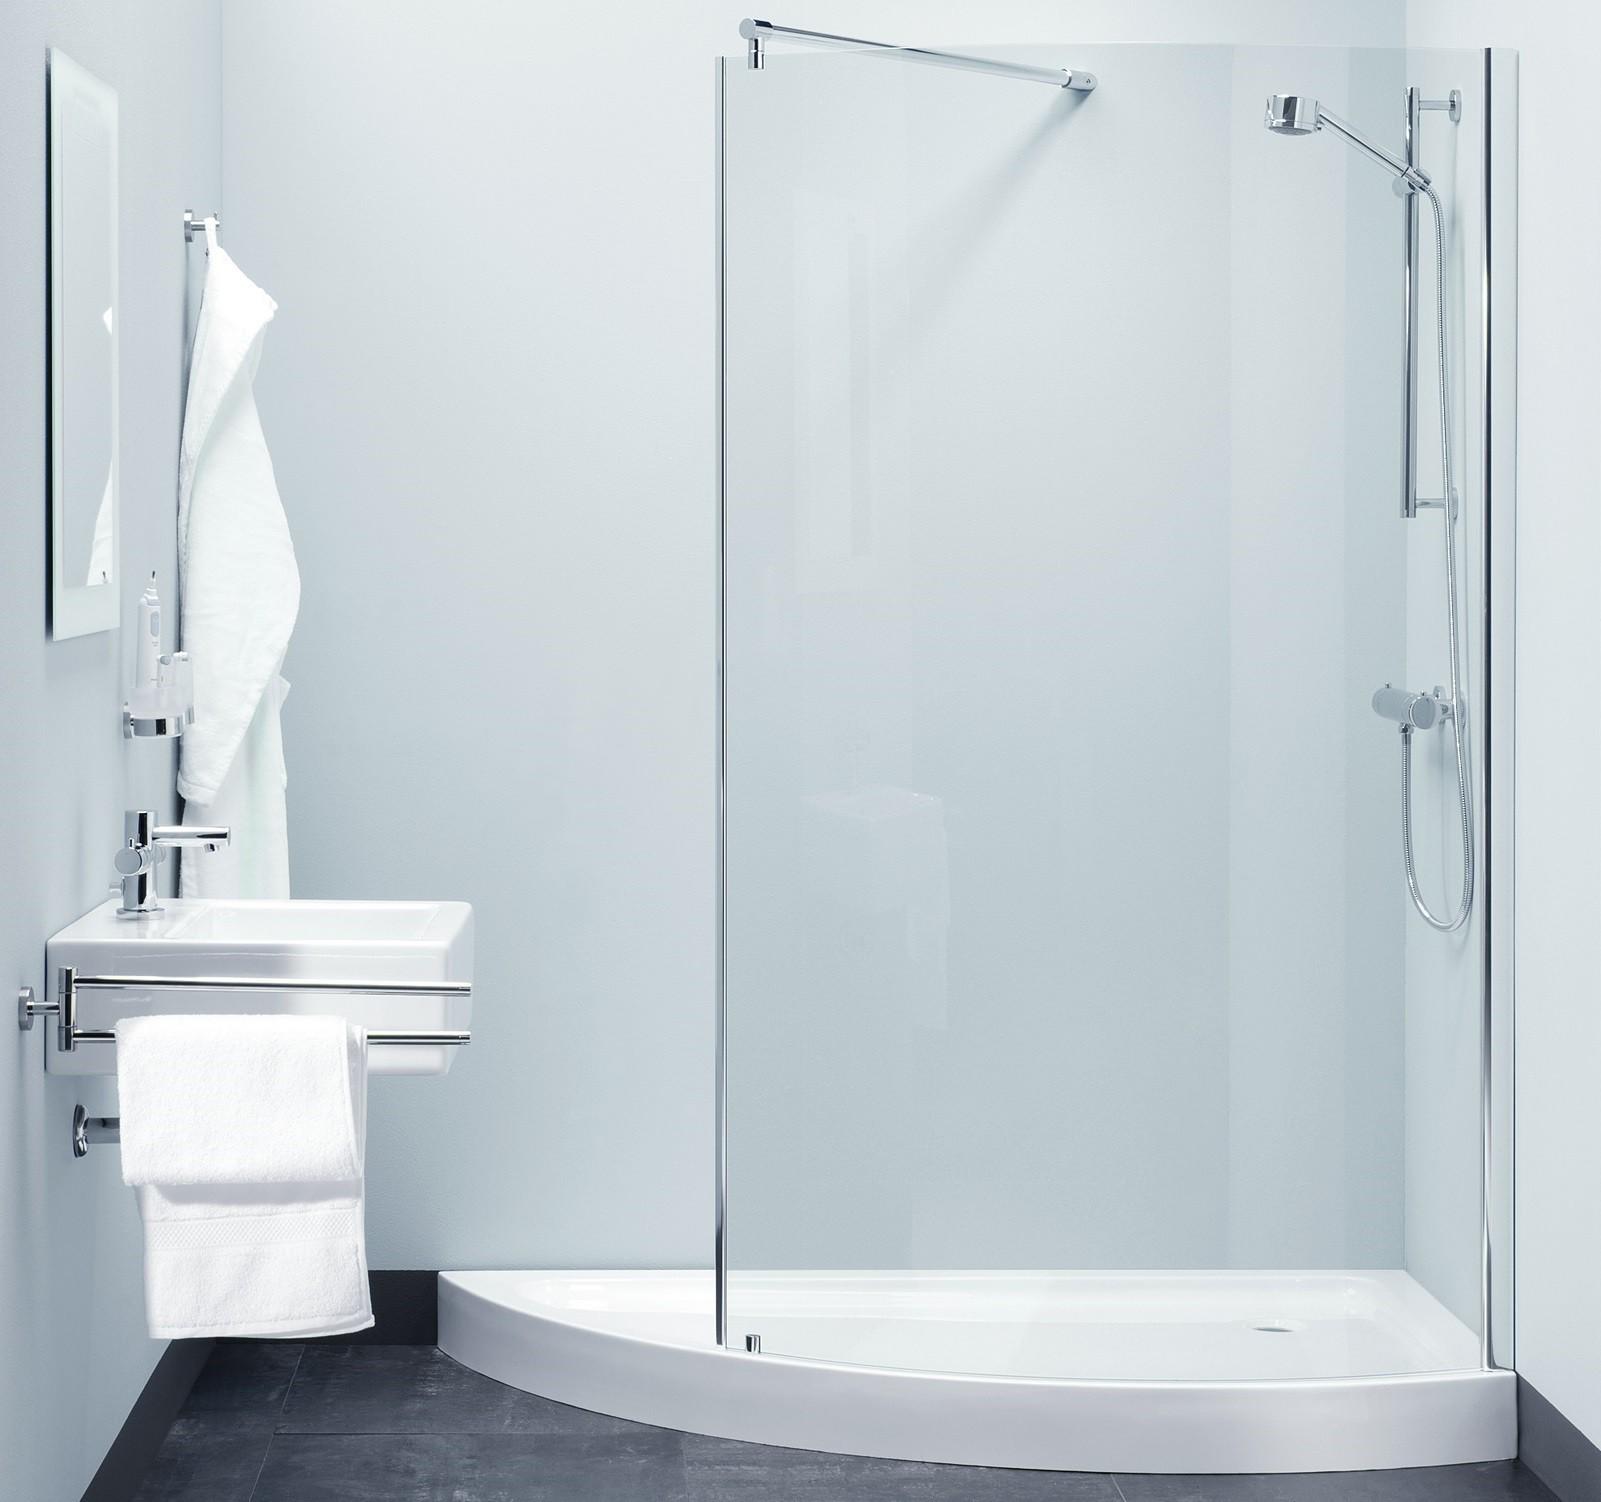 dusche walk in 120 x 190 cm duschwanne duschabtrennung. Black Bedroom Furniture Sets. Home Design Ideas